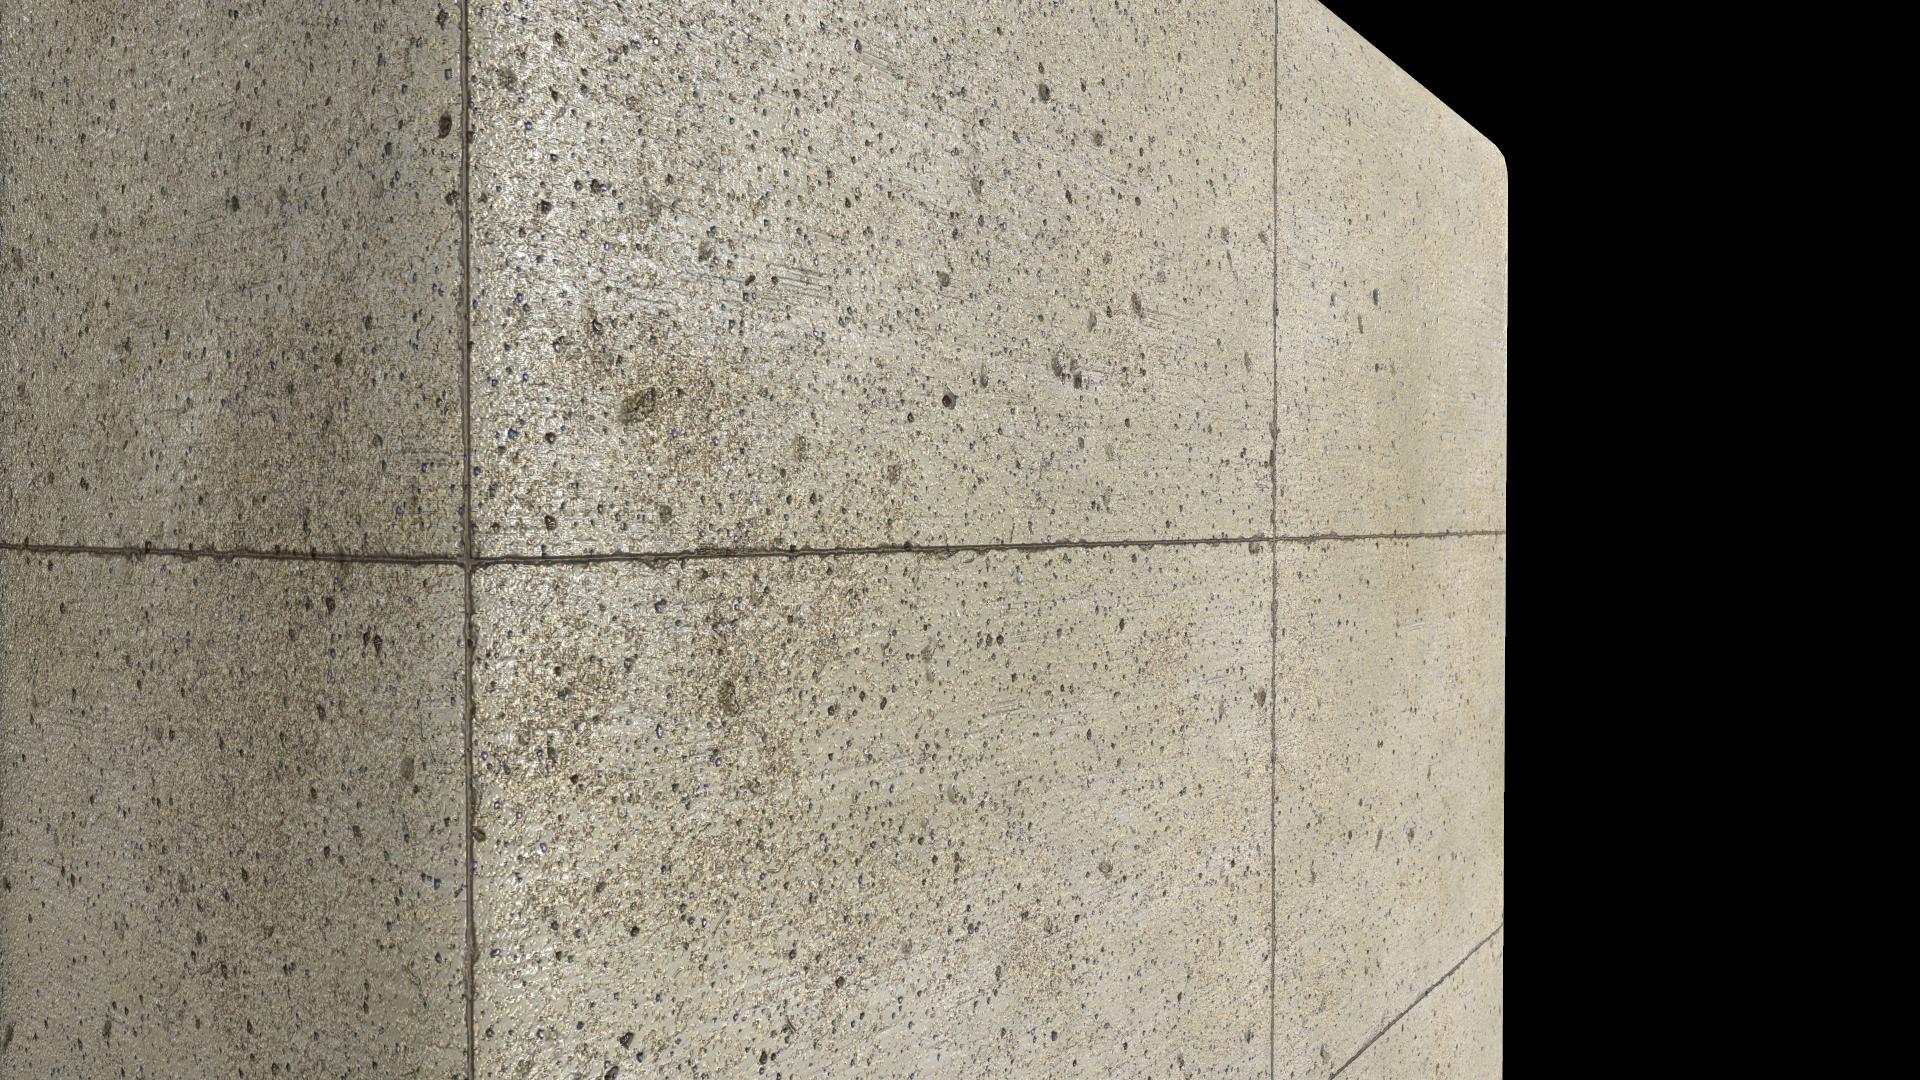 Concrete tiles - up close